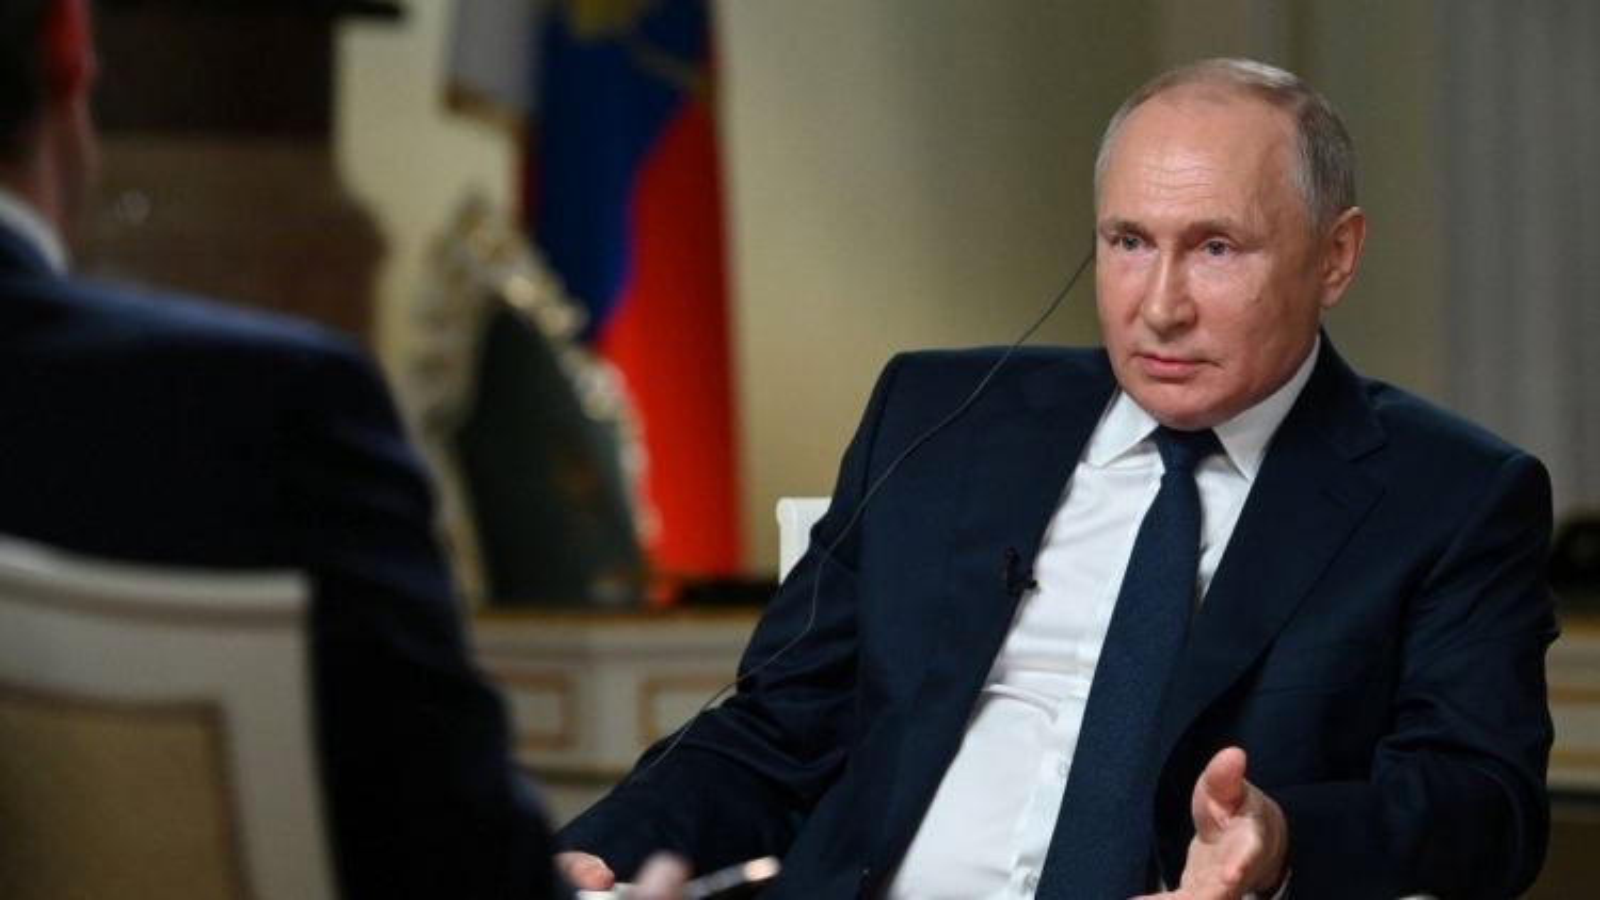 Putin: Củng cố sức mạnh nước Nga là mục tiêu ý nghĩa nhất cuộc đời tôi